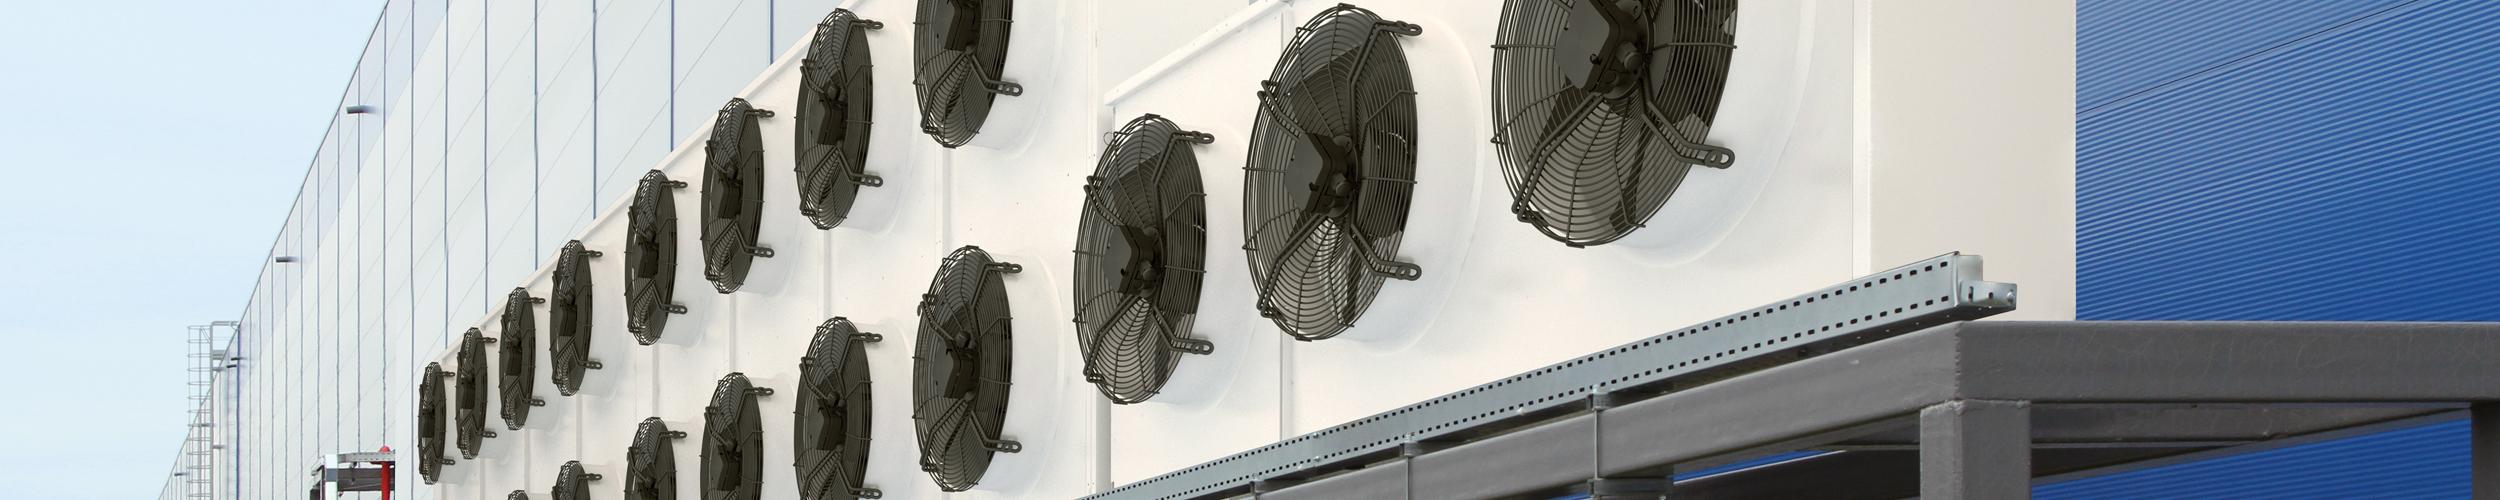 SCIROCCO è il nuovo condensatore a tavola di Stefani - STEFANI